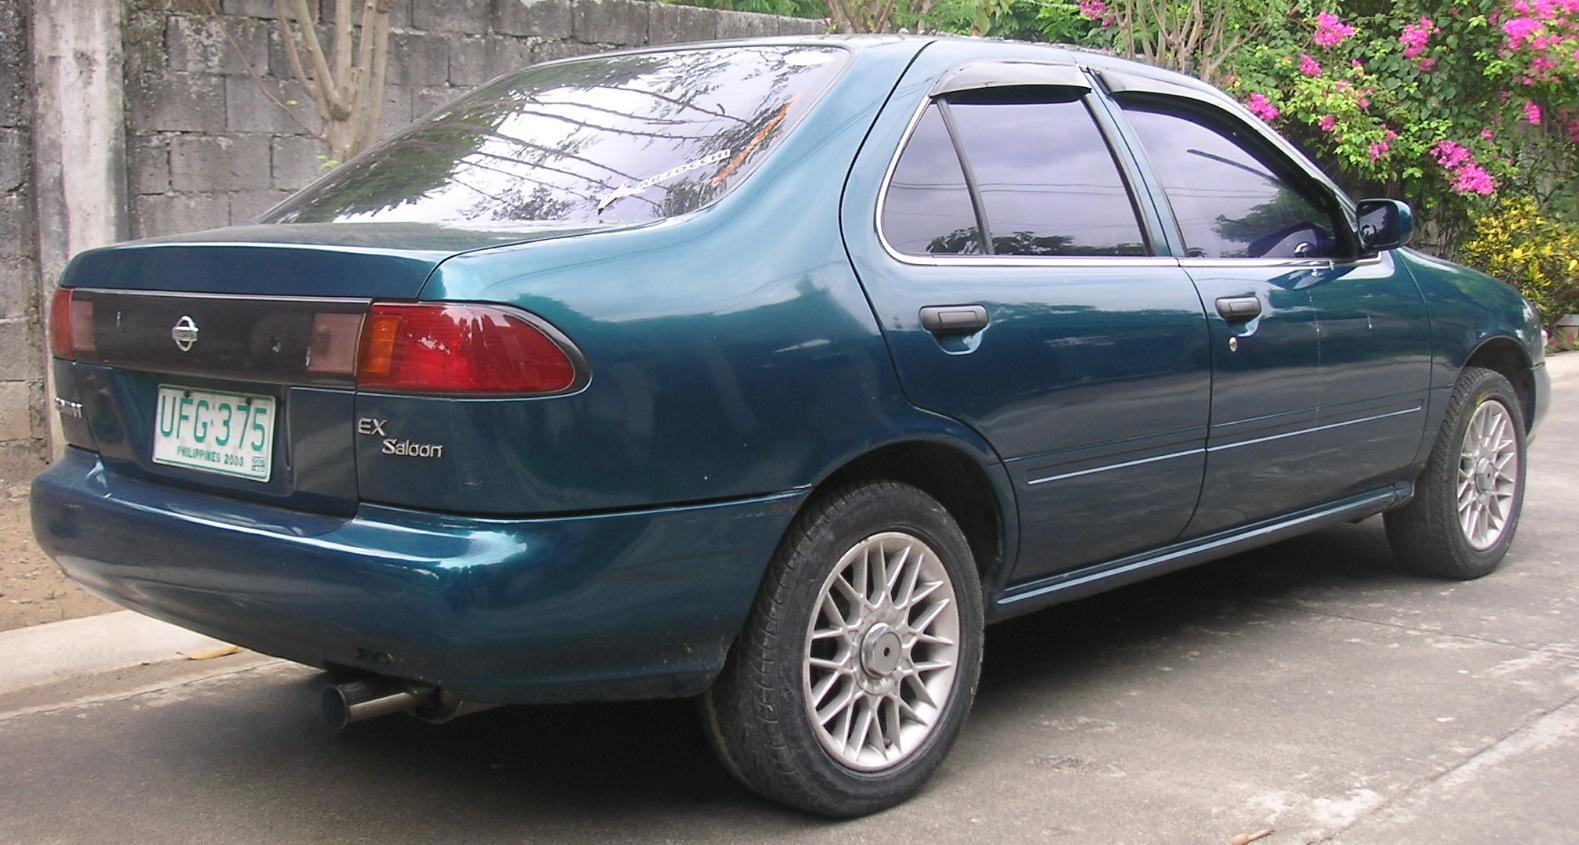 1996 Nissan Sentra - Partsopen